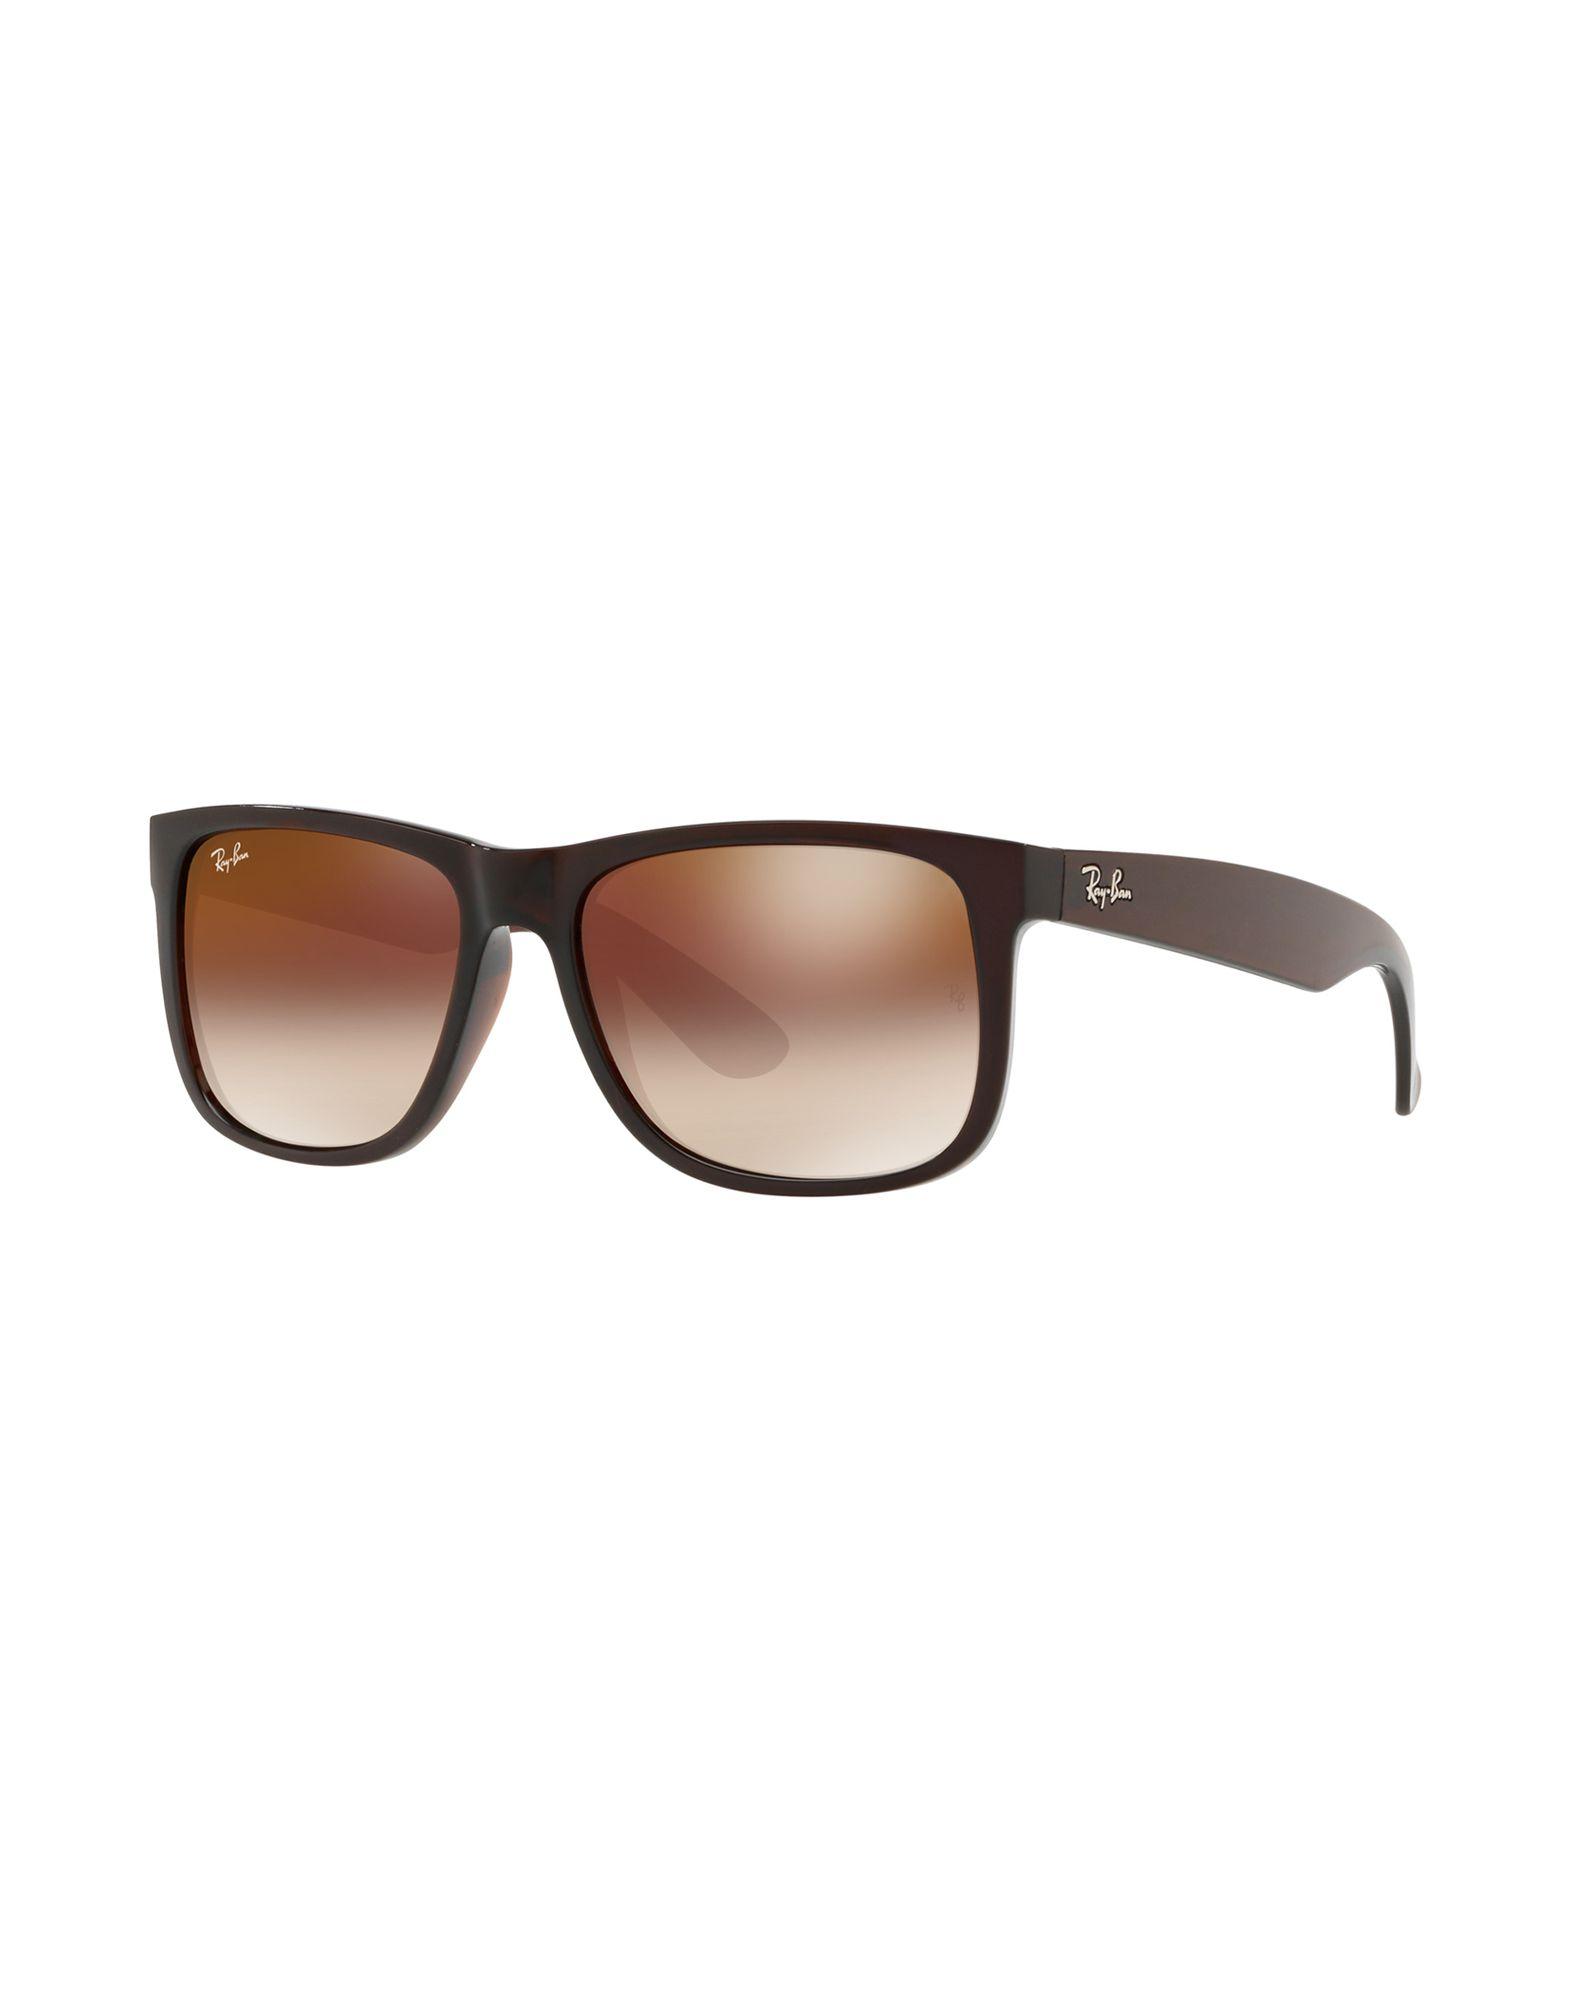 Occhiali Da Sole Ray-Ban Rb4165 Justin - Donna - Acquista online su